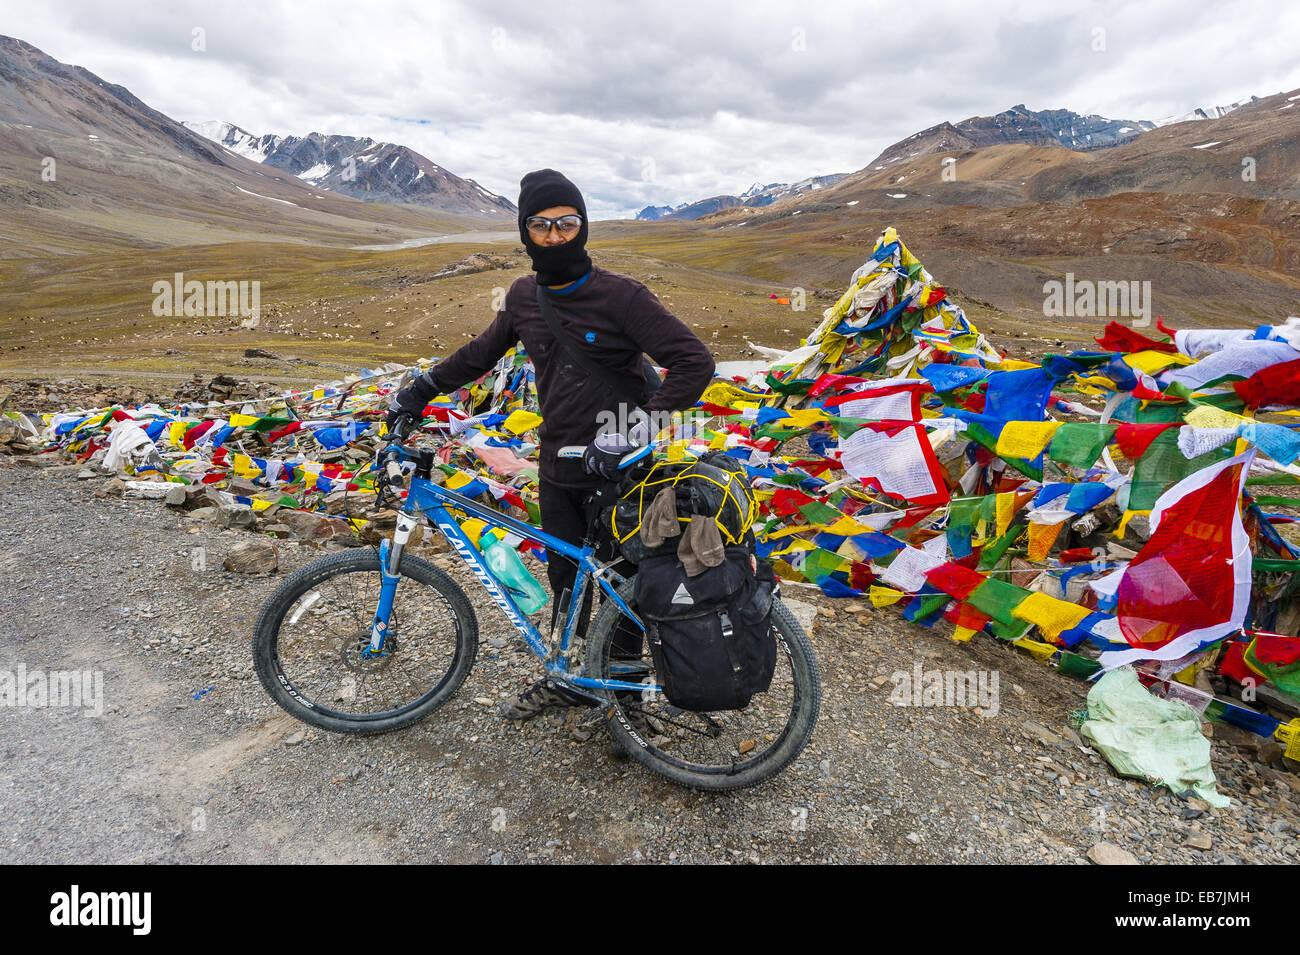 A bicyclist stops at the summit of 16,000 foot Bara-lacha Pass, Leh-Manali Highway, Himachal Pradesh, India. - Stock Image